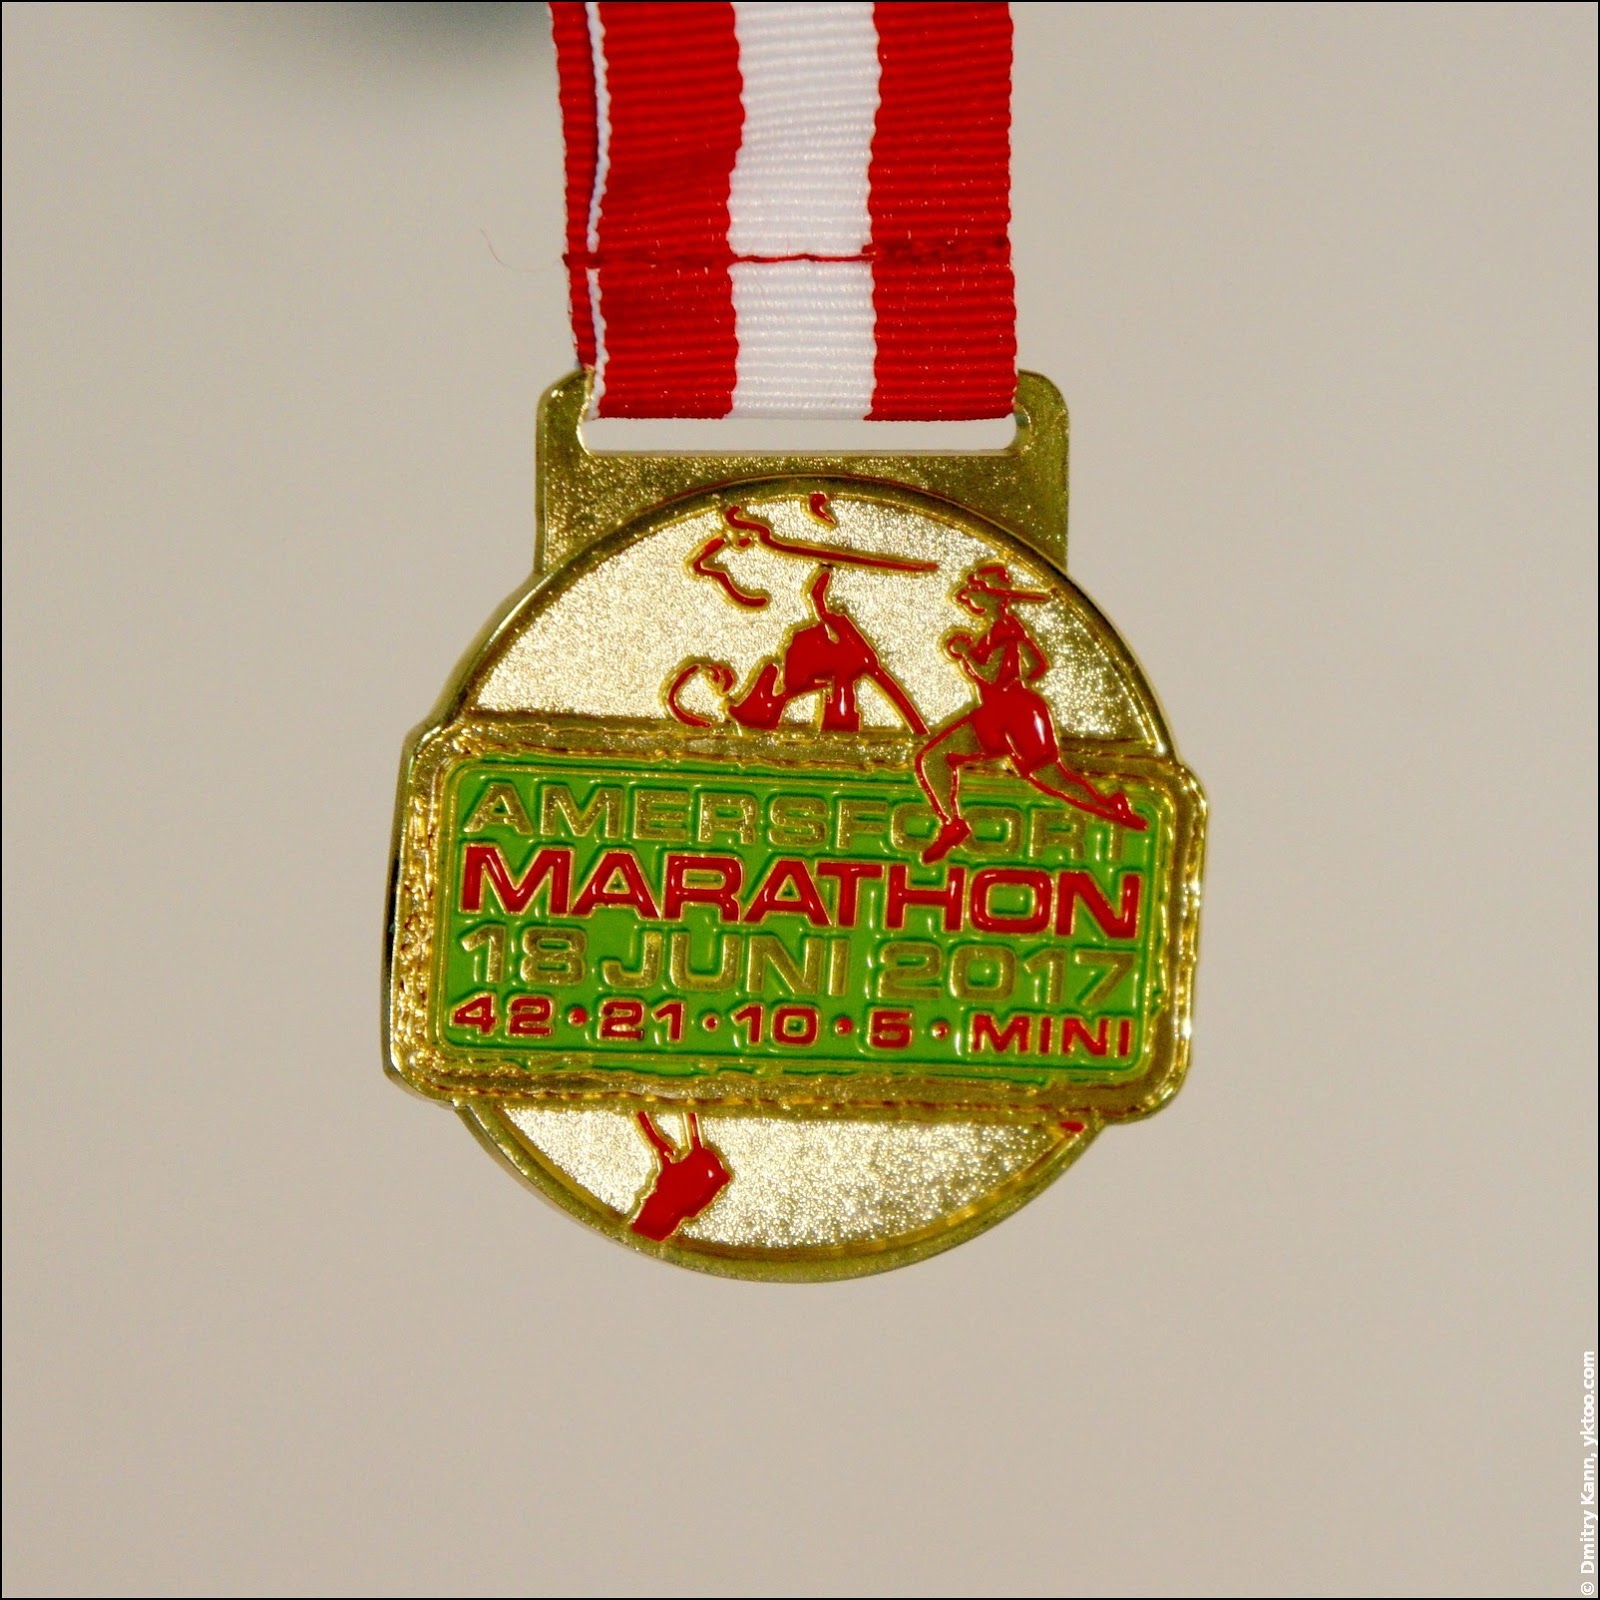 Медаль амерсфортского марафона.